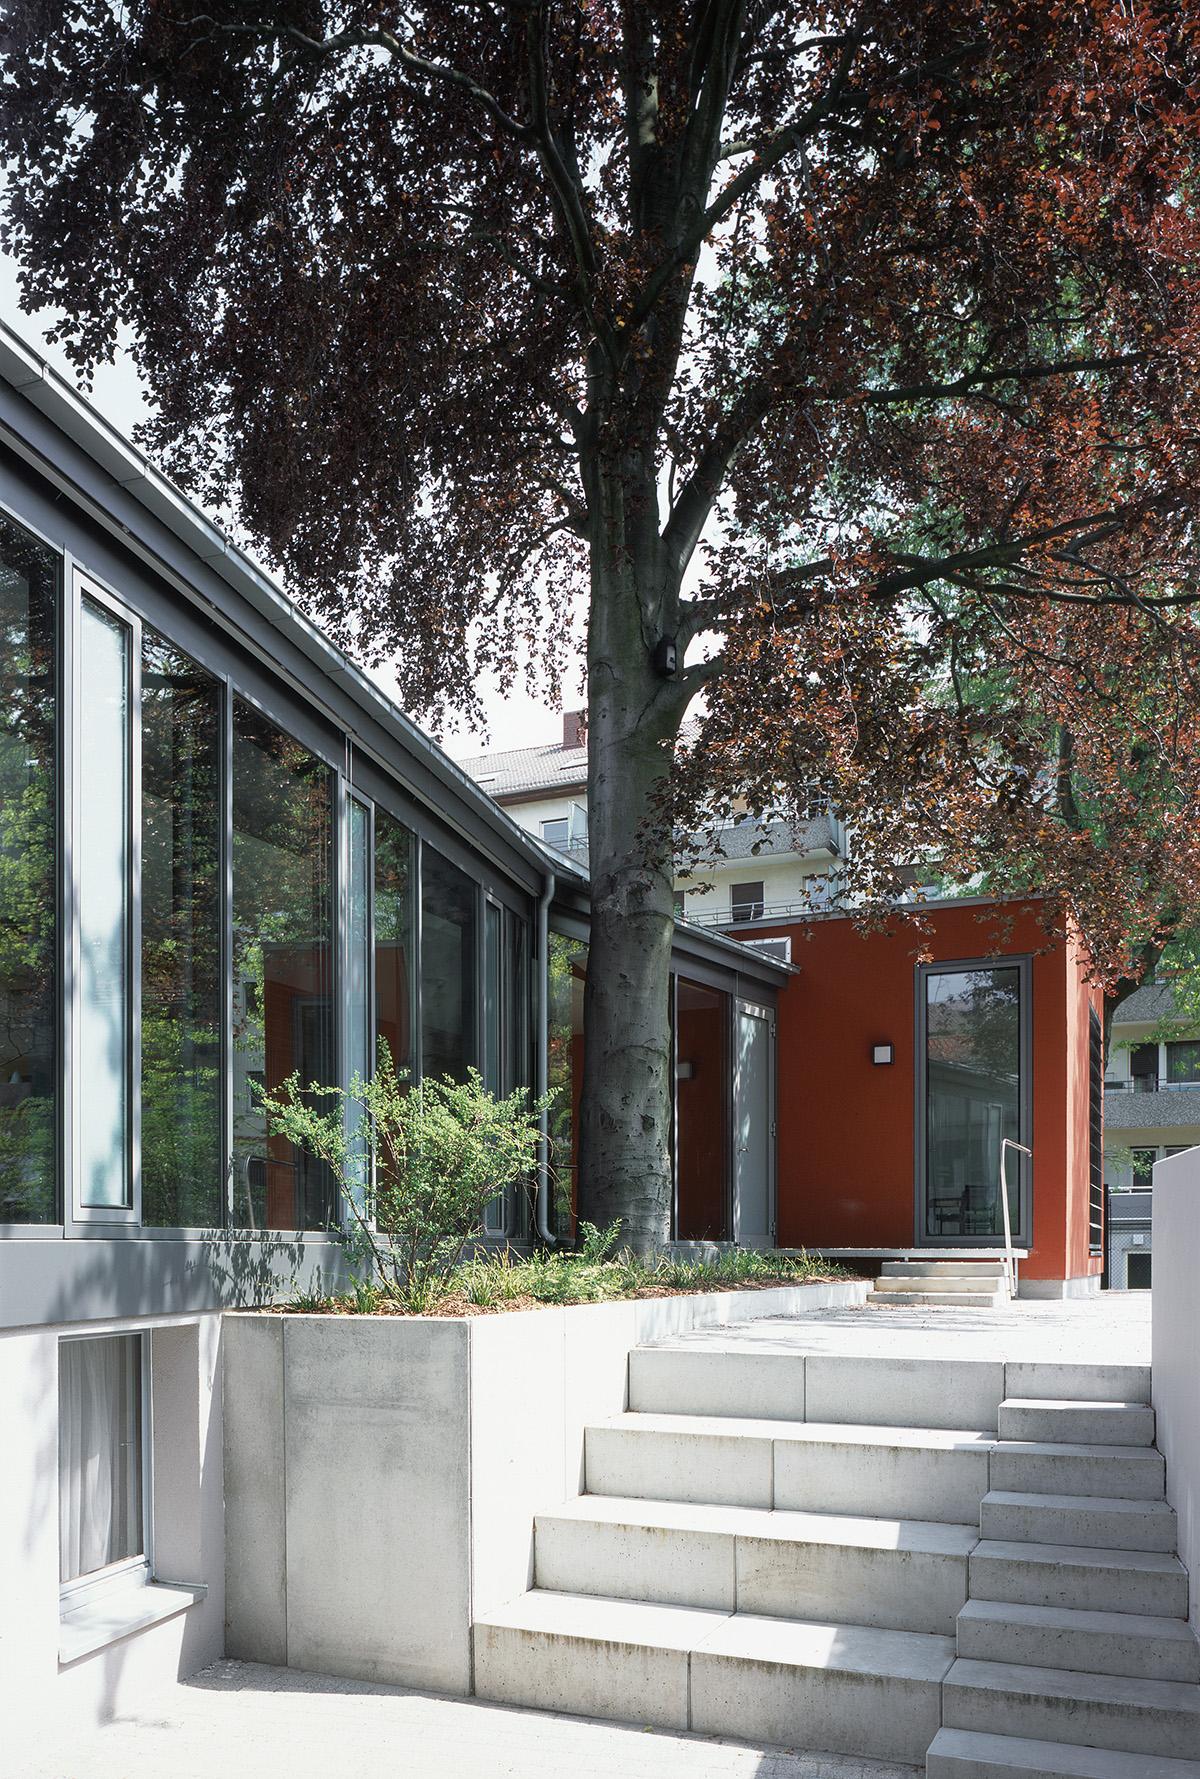 umbau und erweiterung jung-stilling-saal karl-friedrich-gemeinde sedanstr. 20 76185 karlsruhe  architektur: klinkott architekten indianaring 23 76149 karlsruhe www.klinkott-architekten.de